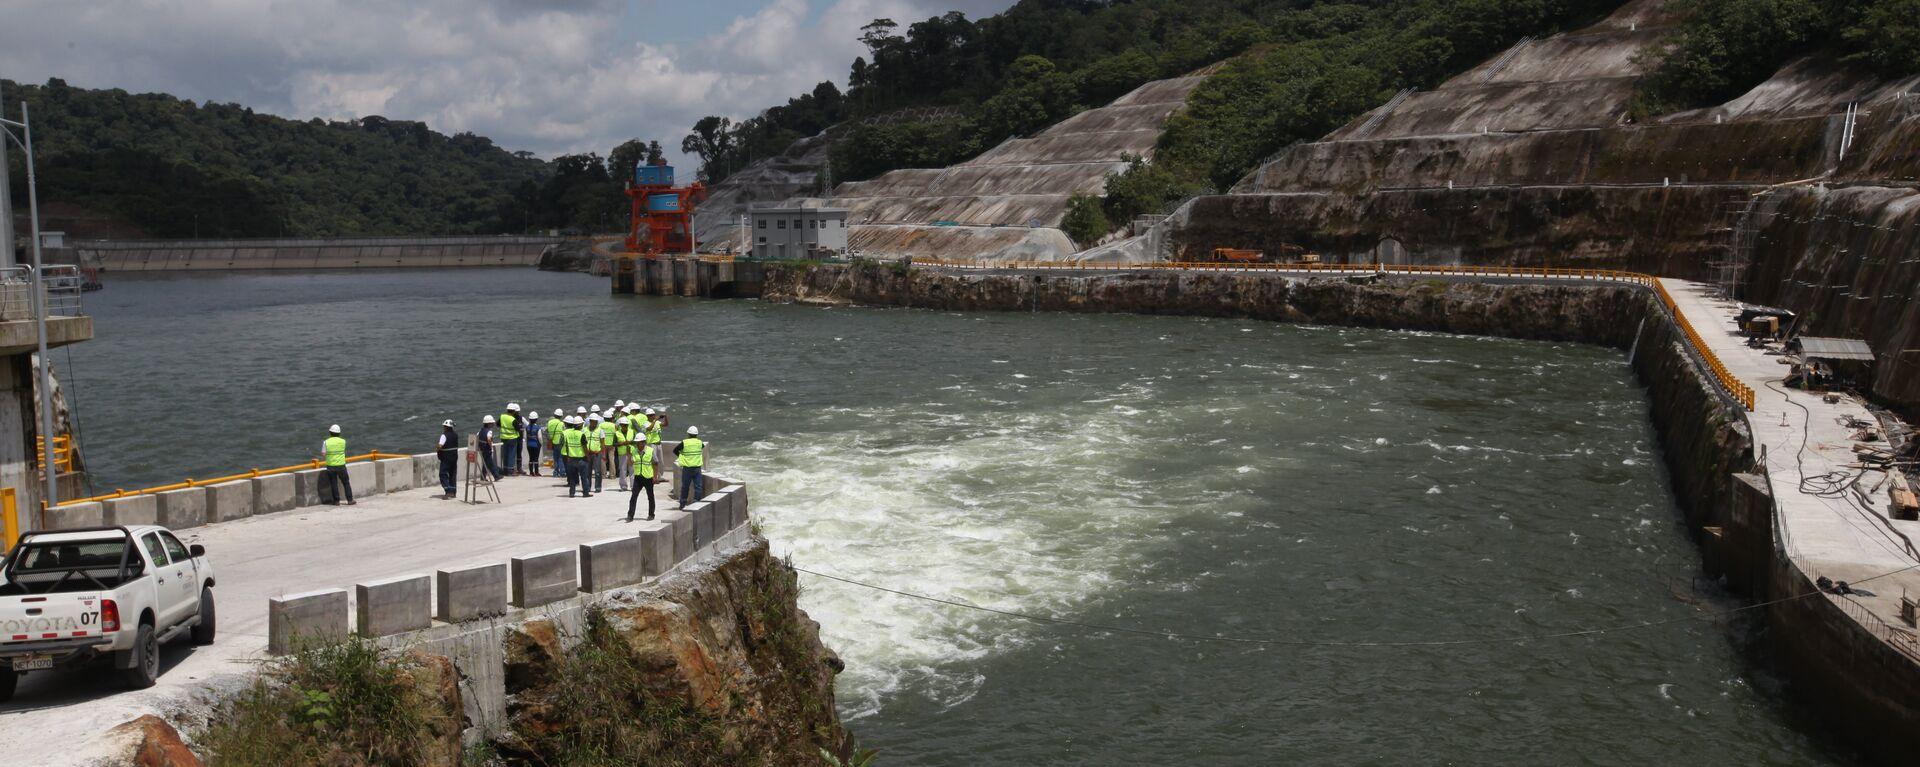 La central hidroeléctrica ecuatoriana Coca Codo Sinclair - Sputnik Mundo, 1920, 20.05.2021